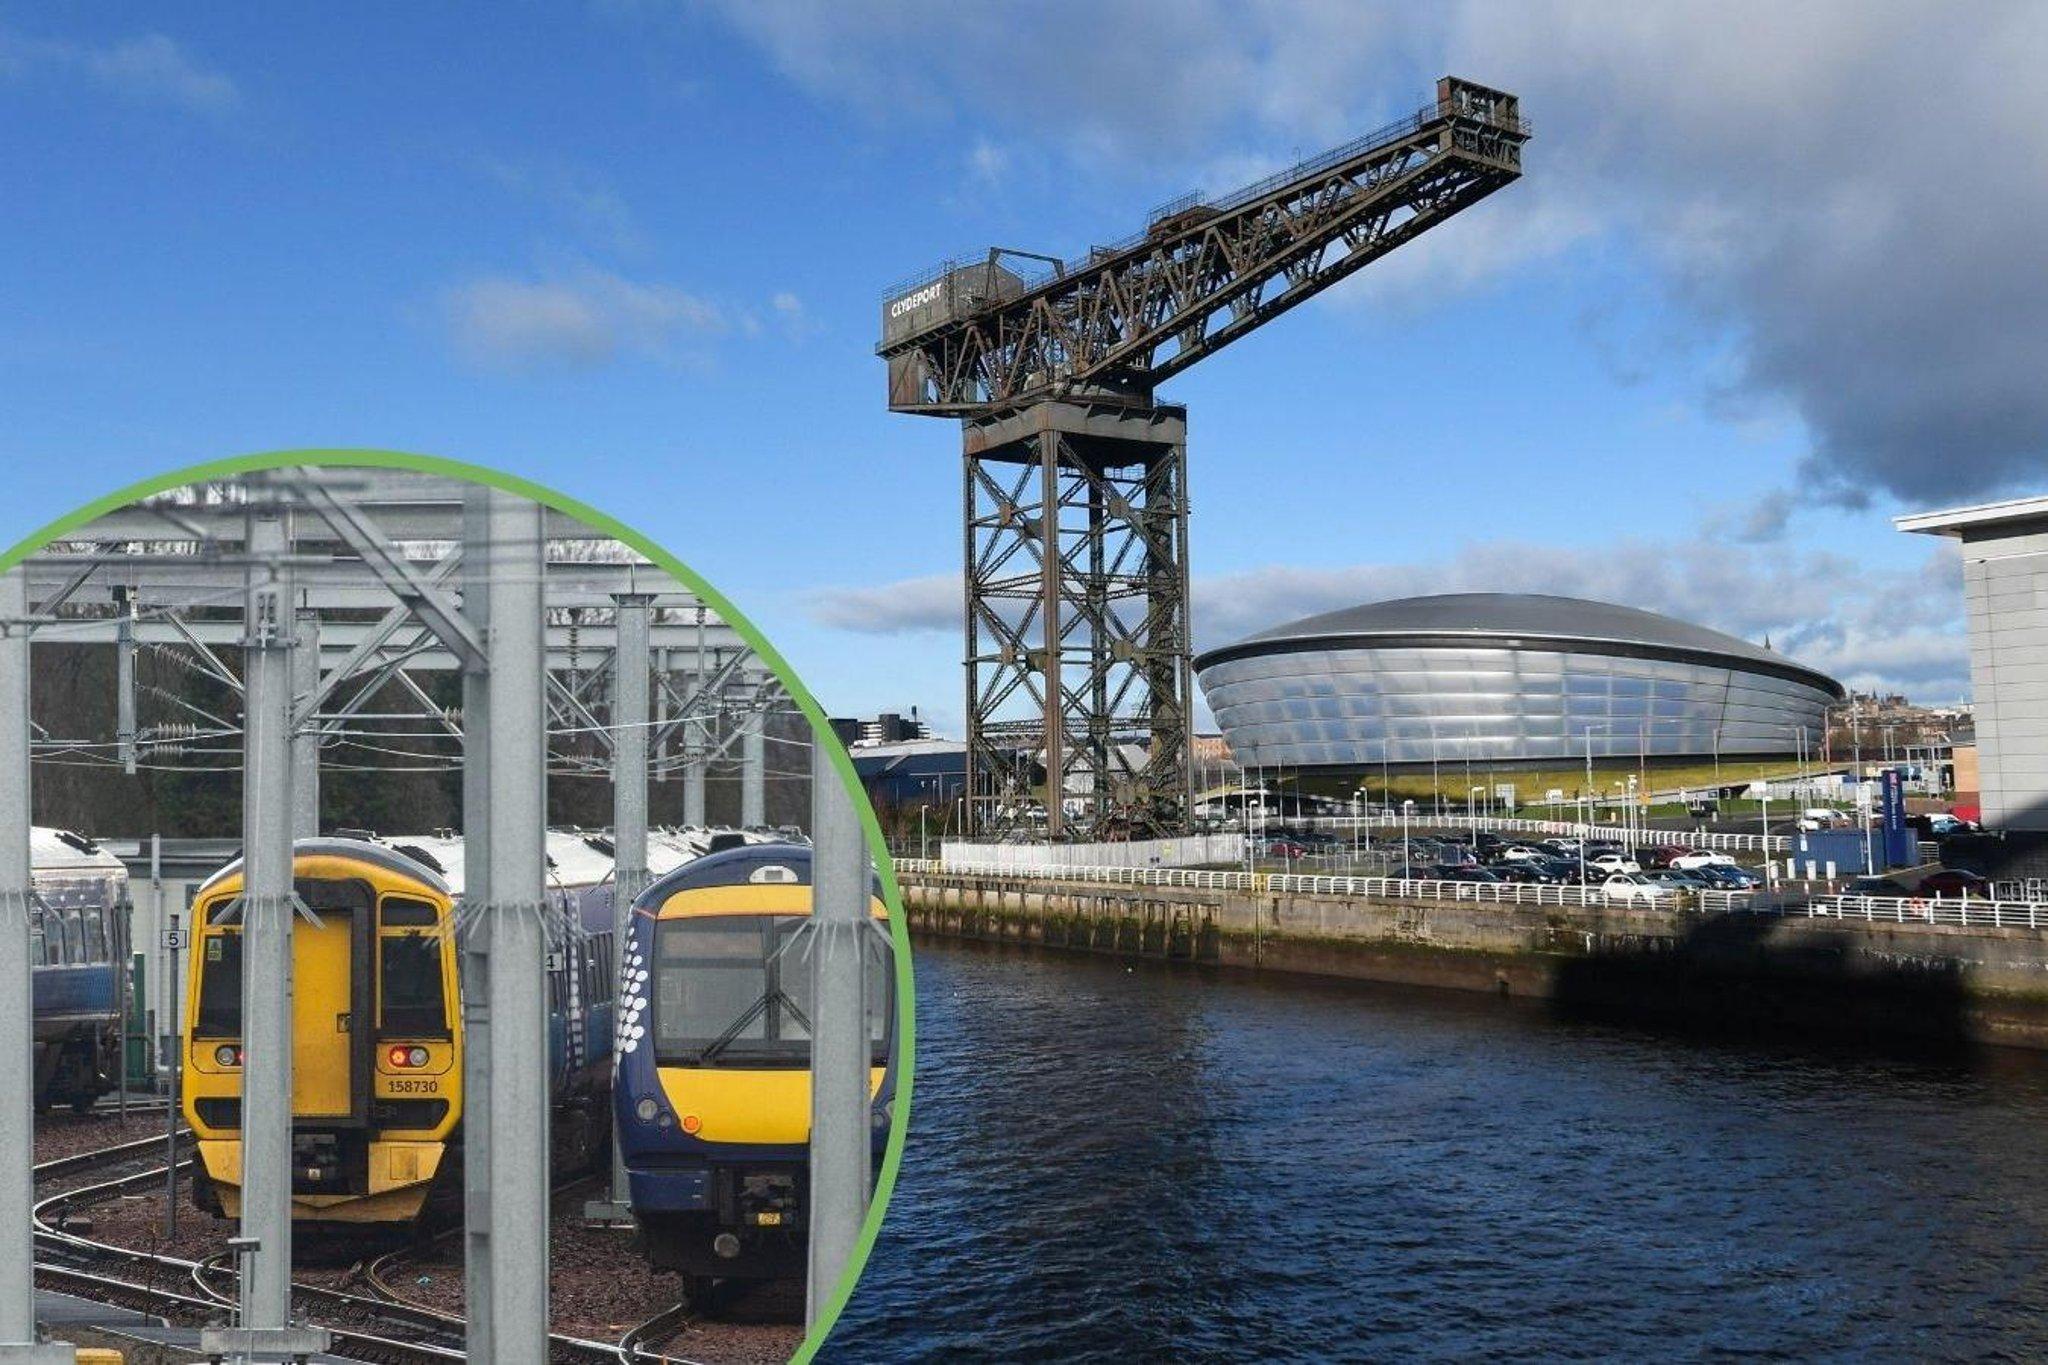 Cop26: Aktivis muda dan pembuat kebijakan bepergian dengan kereta api Rail ke COP ke konferensi iklim di Glasgow